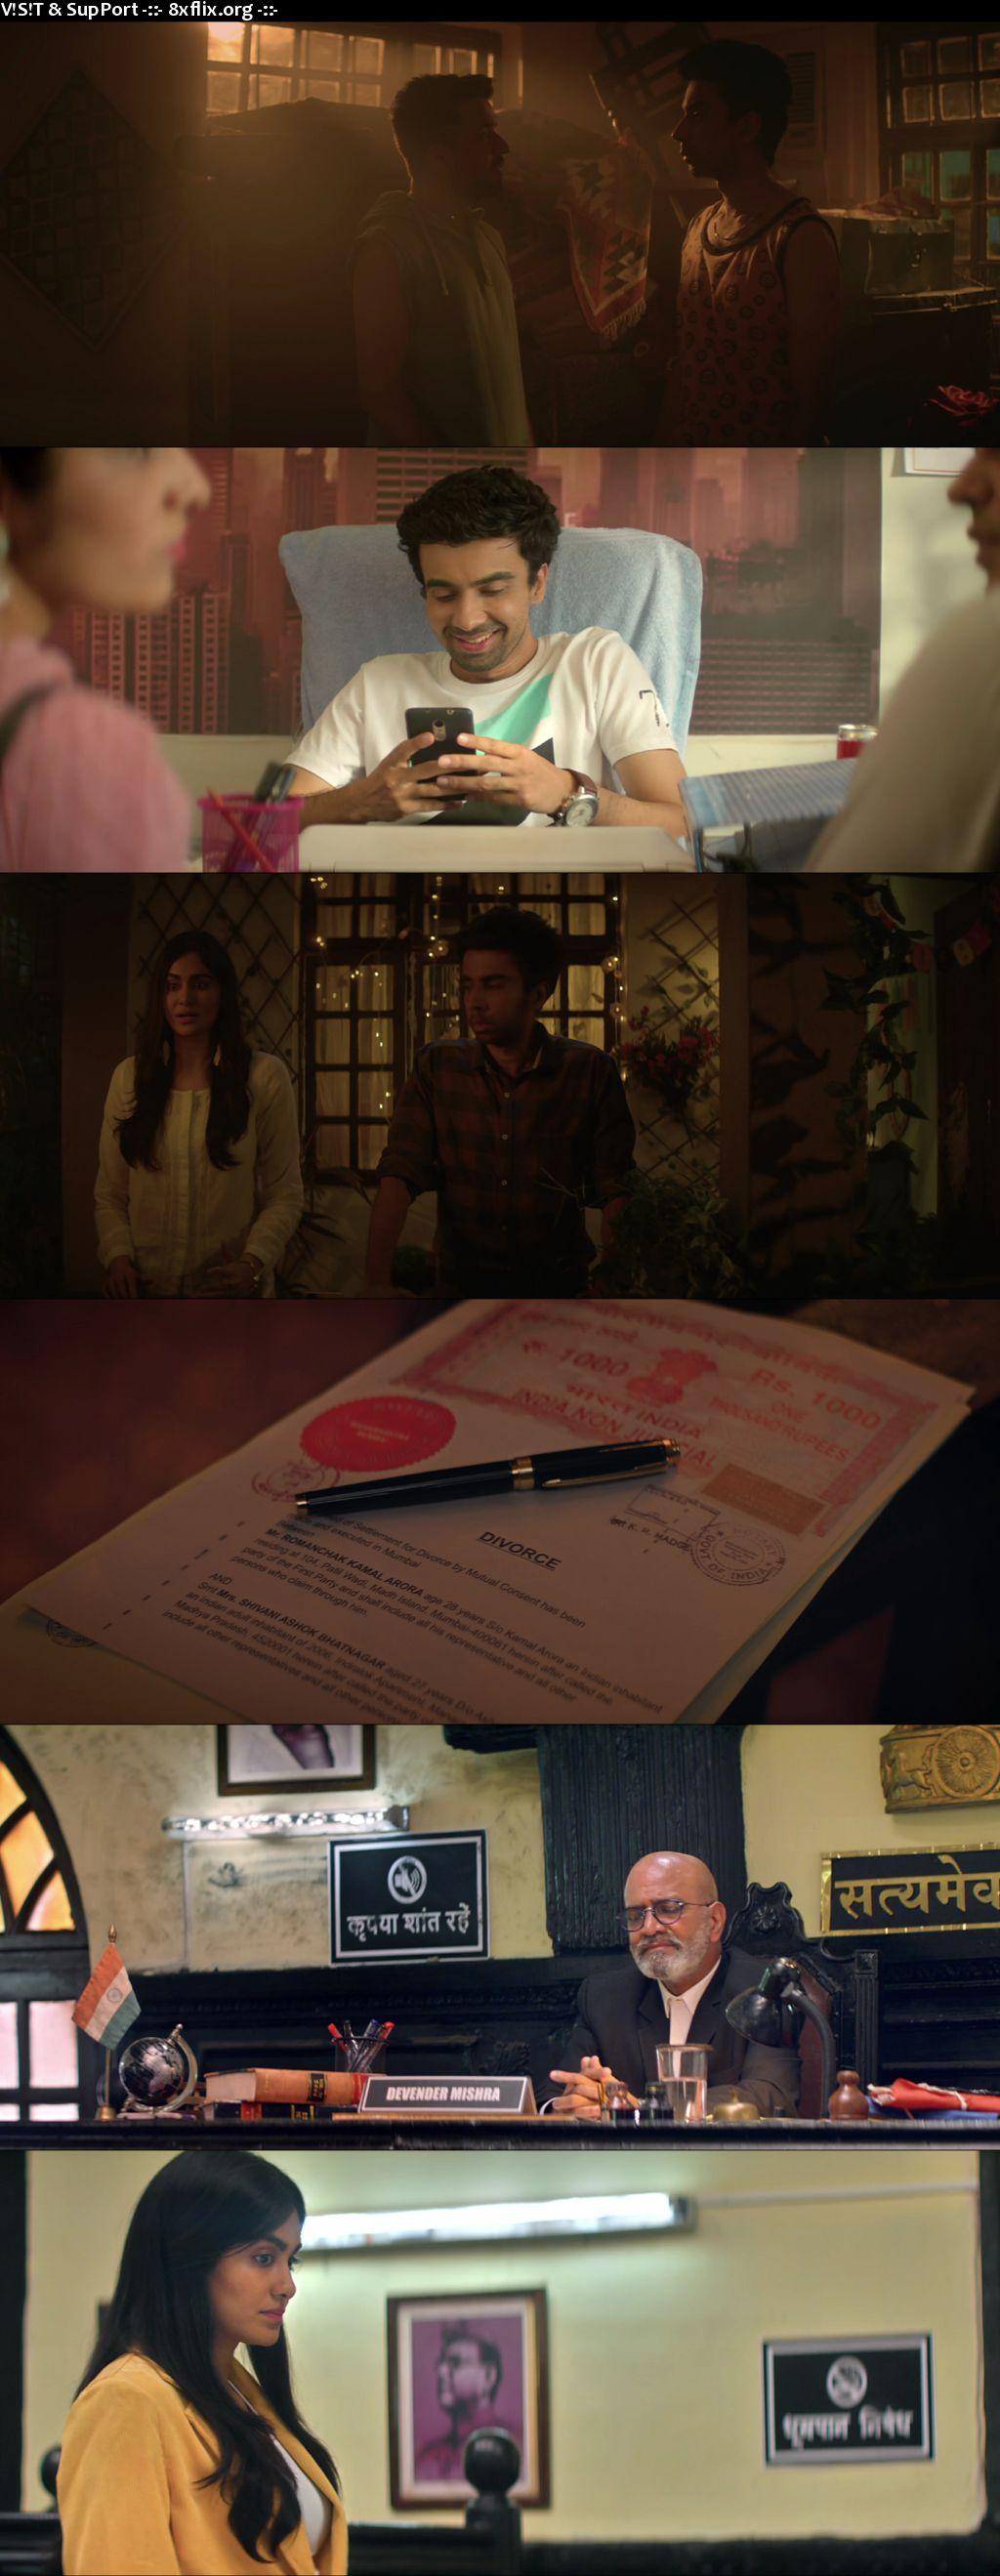 Pati Patni Aur Panga 2020 S01 Hindi Complete WEB Series 720p 480p WEB-DL